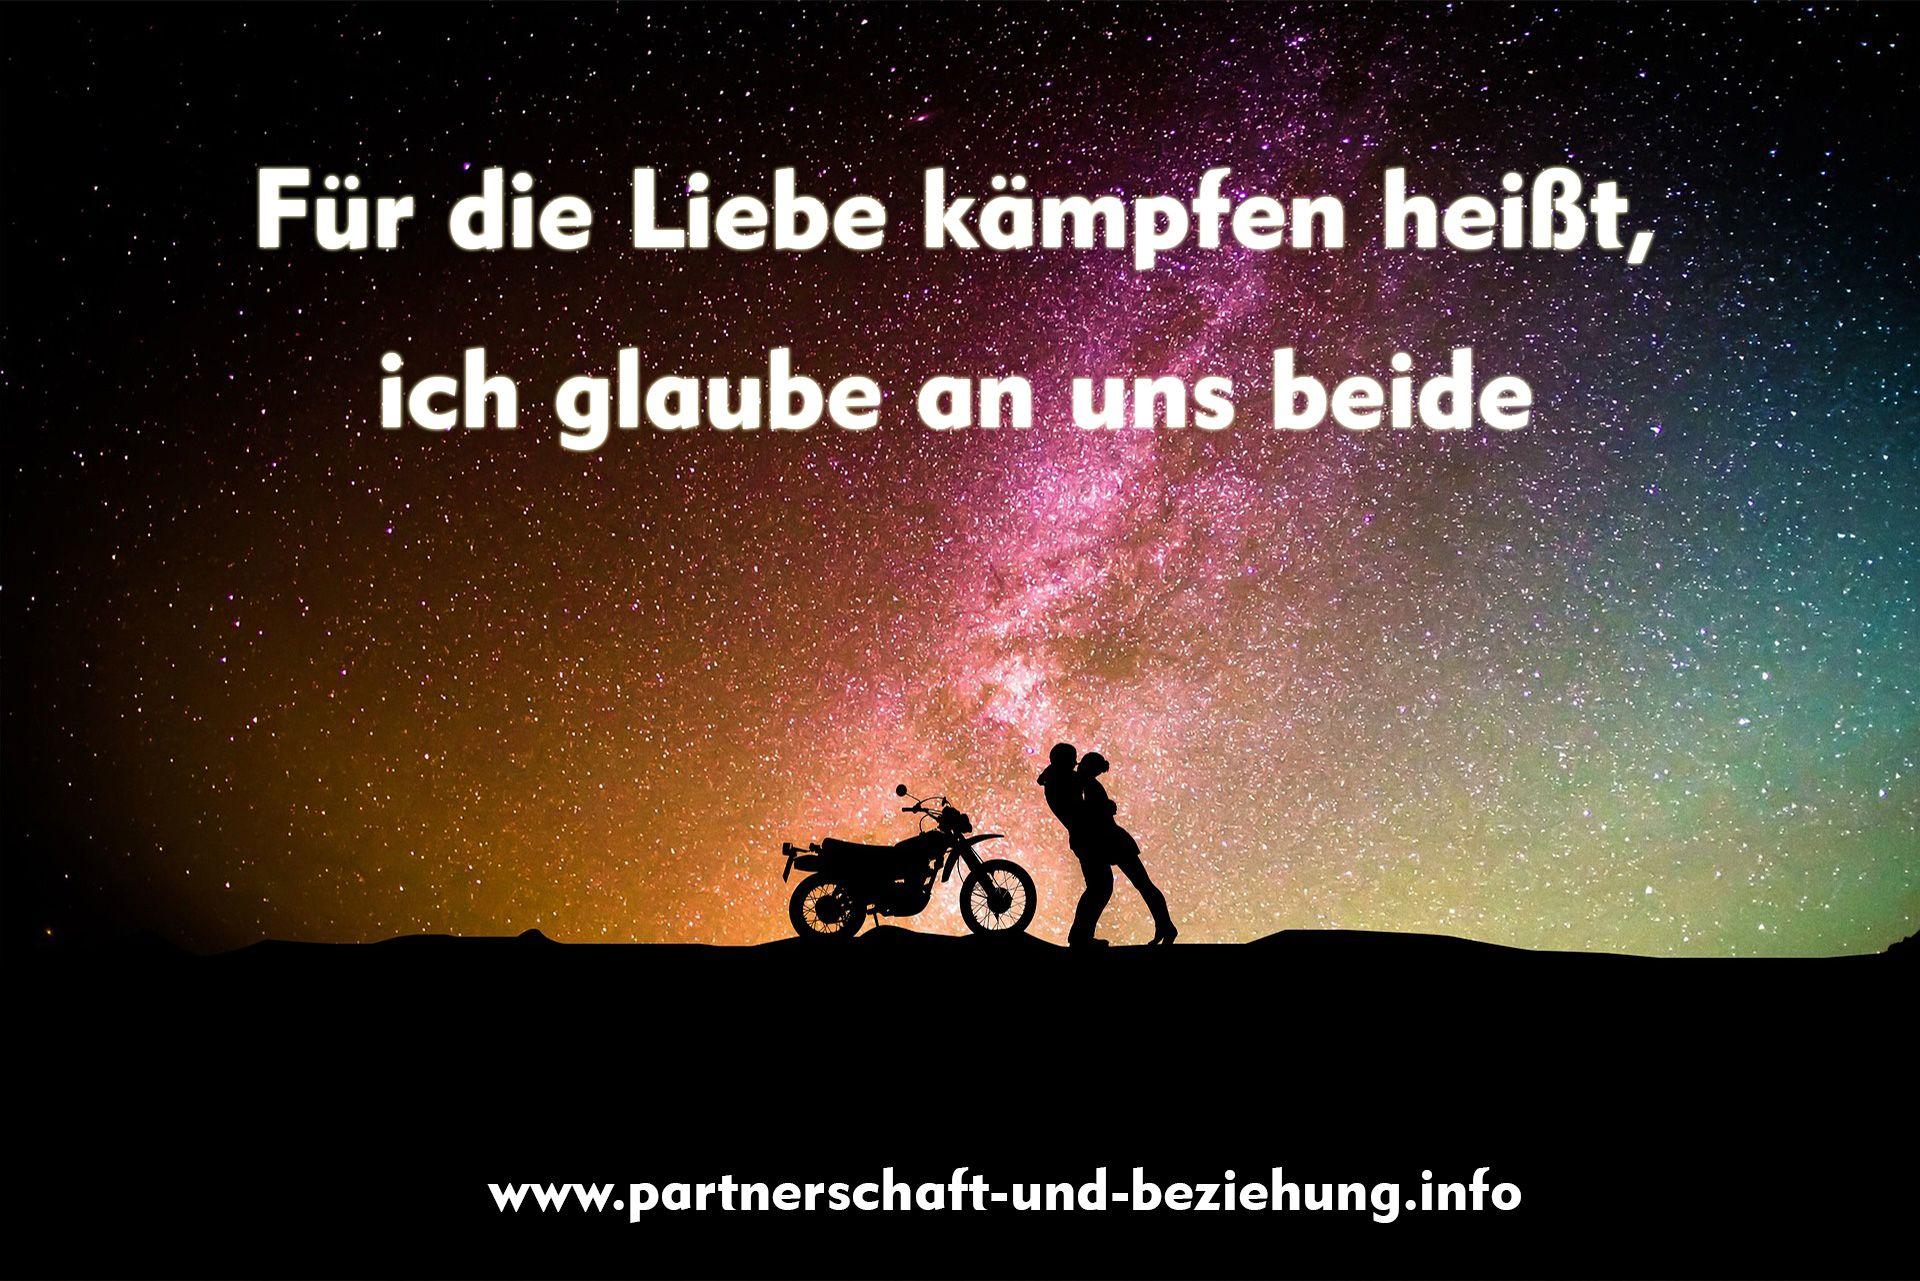 Um Beziehung Kämpfen Sprüche Kampf 2019 04 24